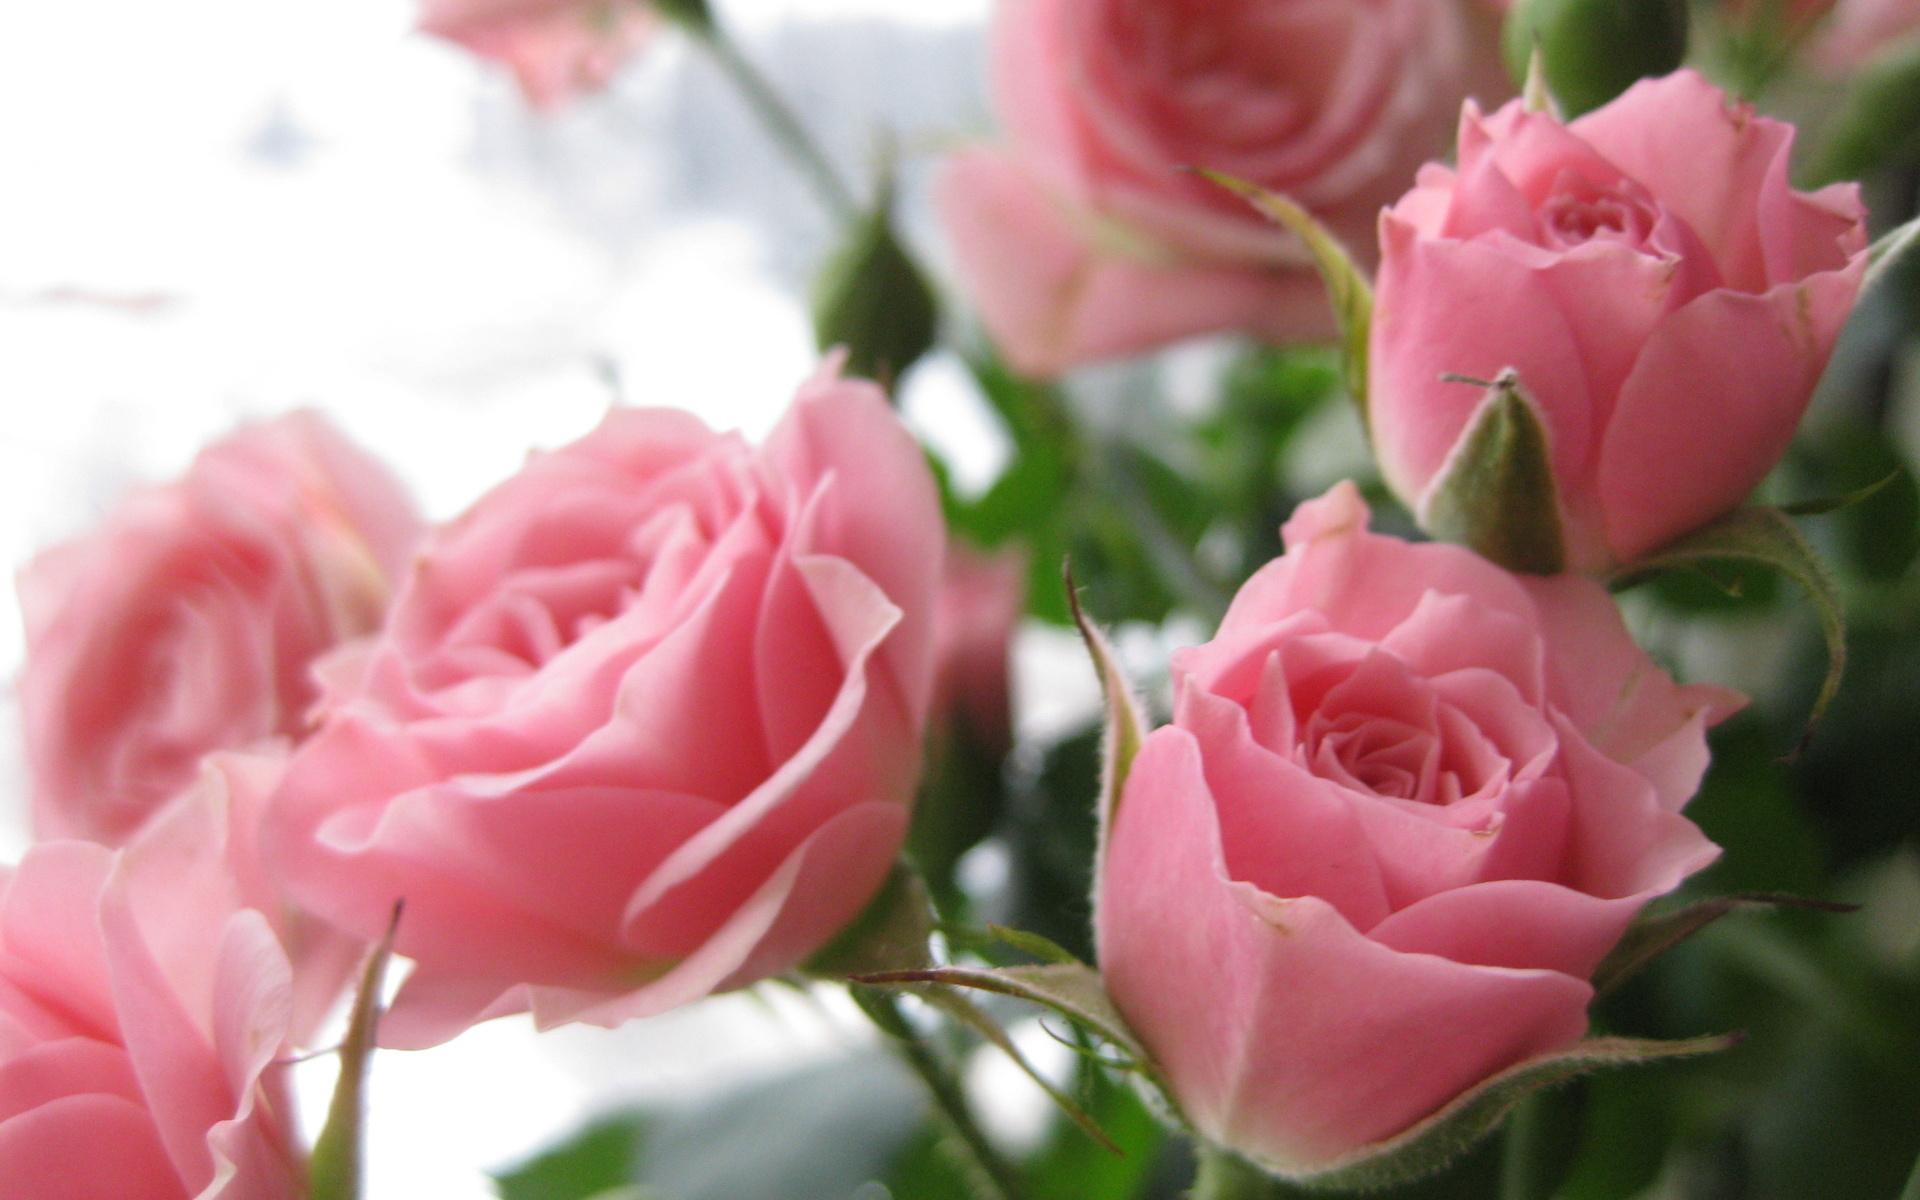 33046 скачать обои Растения, Цветы, Розы - заставки и картинки бесплатно